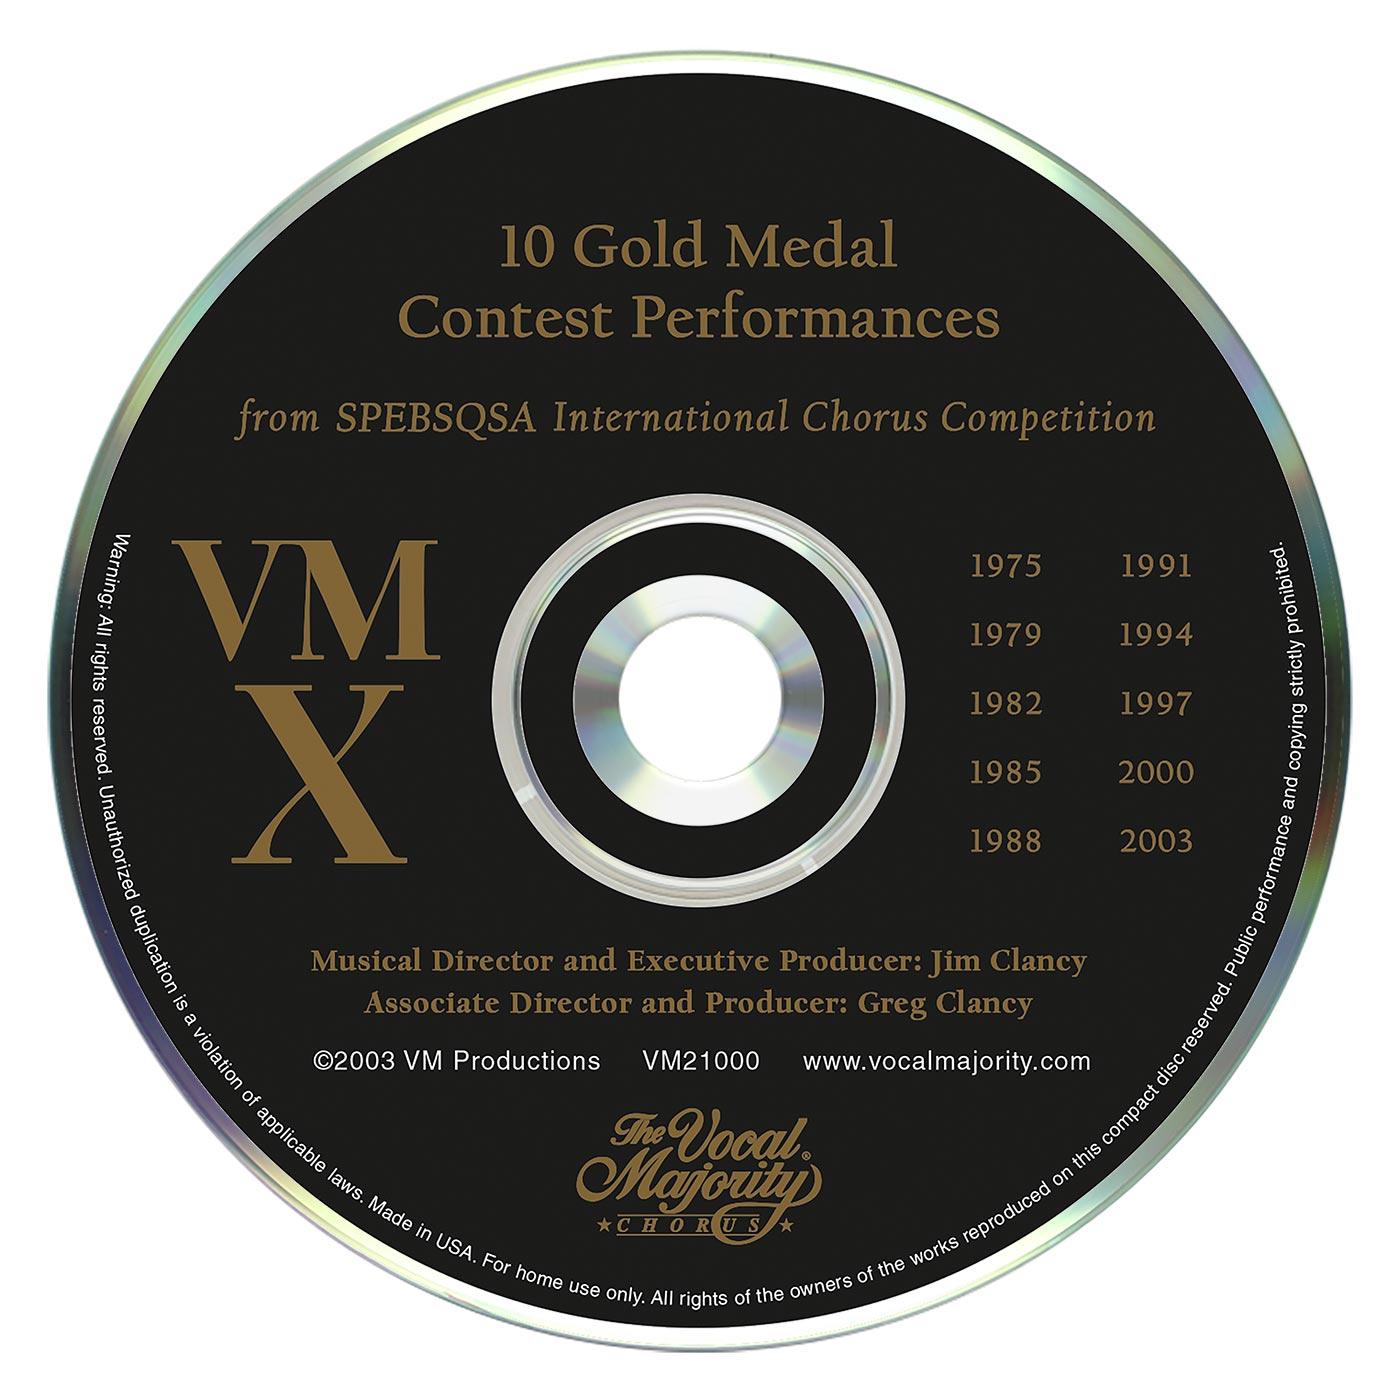 Disc Art: VM X